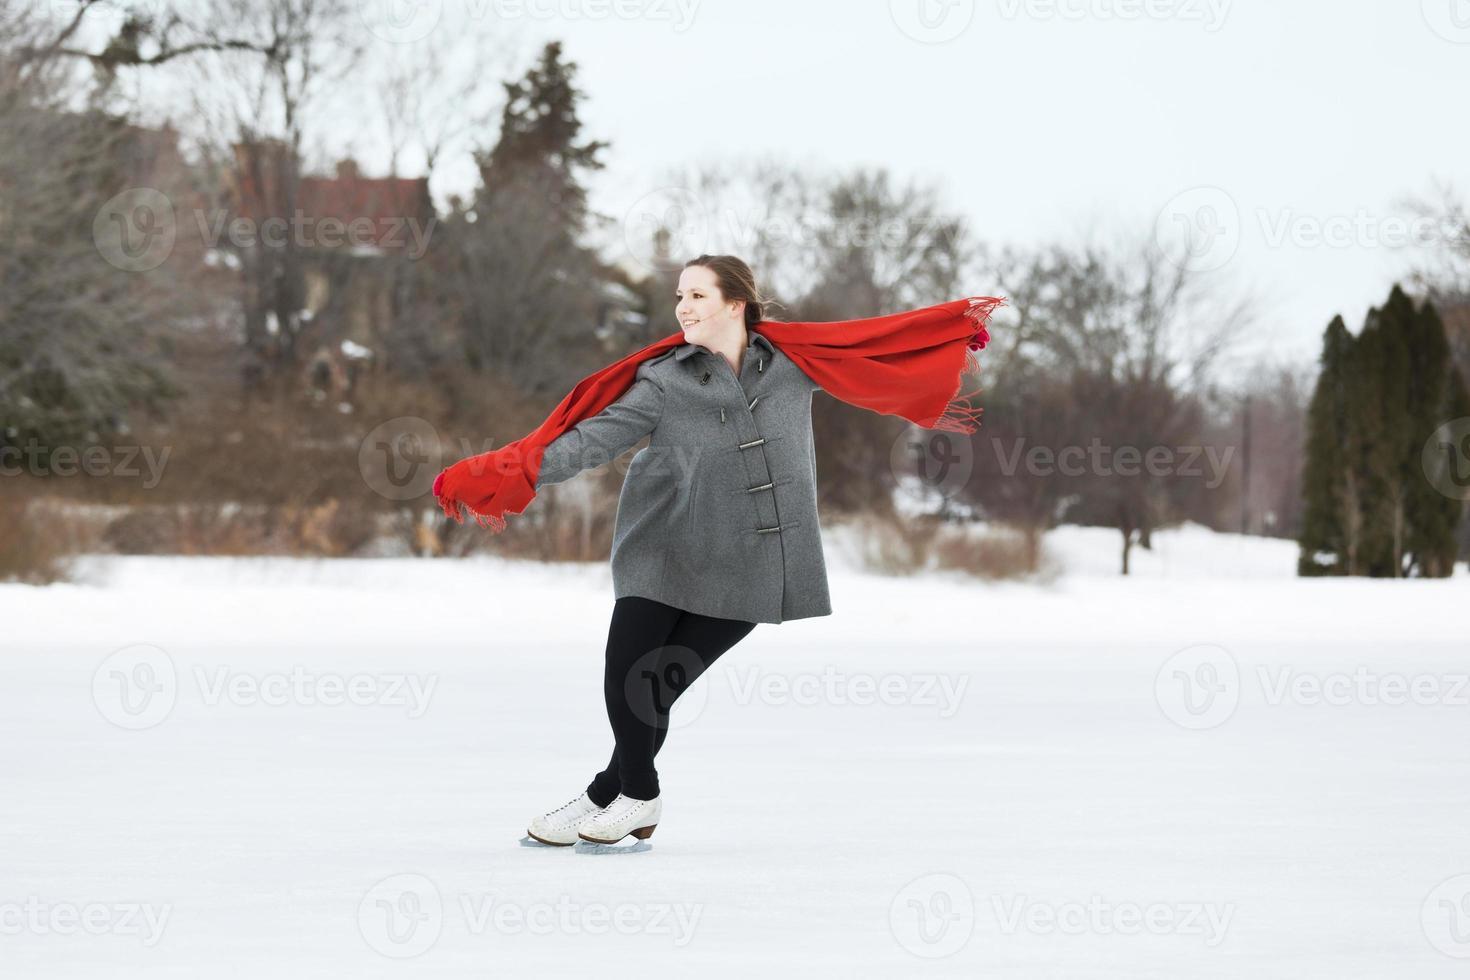 jeune, adolescente, patineur, apprécier, hiver, extérieur, patinage, hz photo